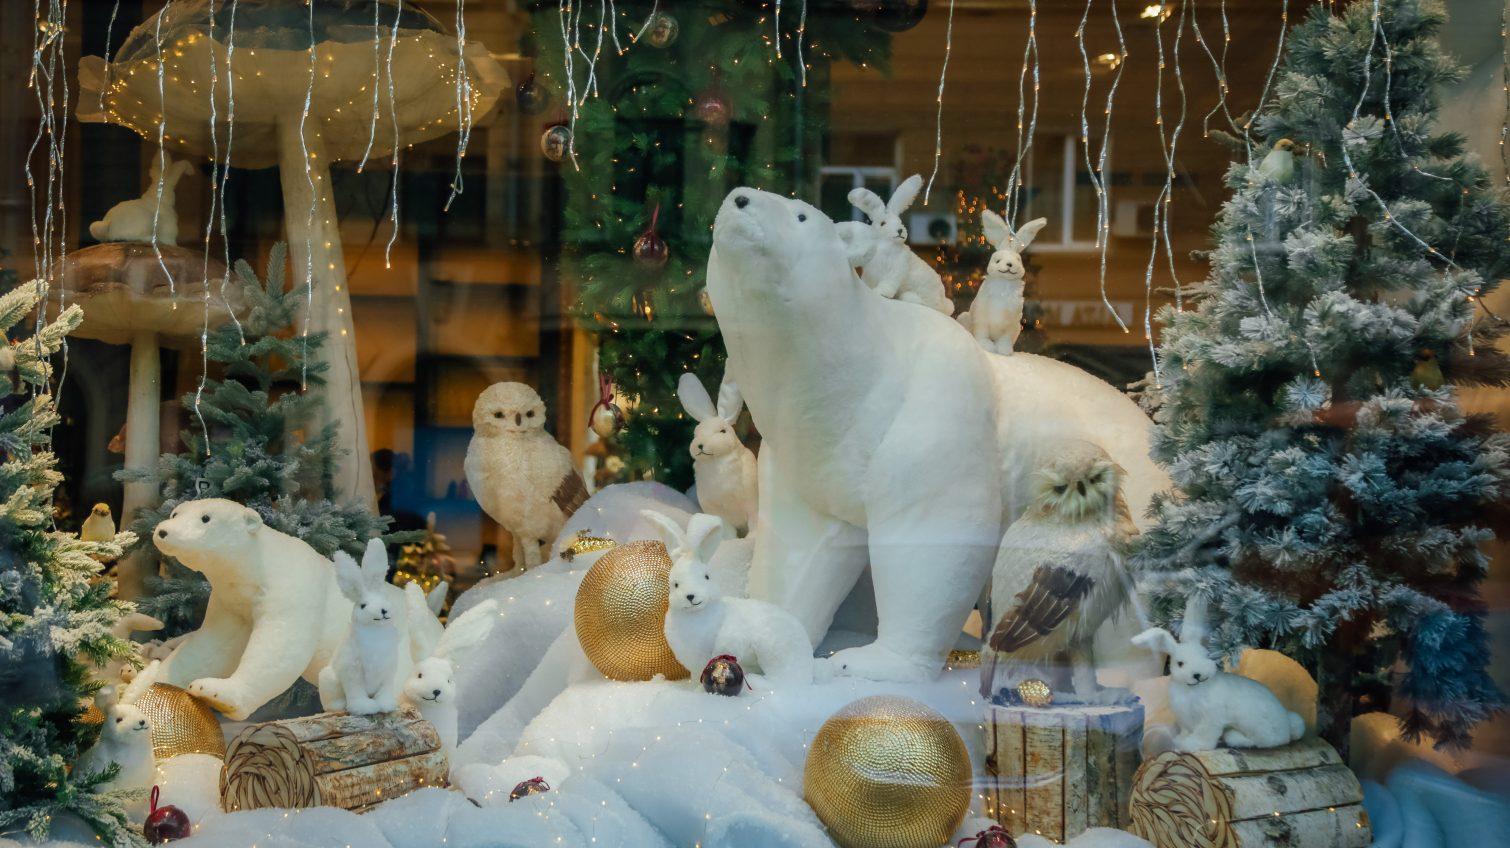 За новогодним настроением отправляйтесь в центр: Одесса готовится к самому семейному празднику (фоторепортаж) «фото»